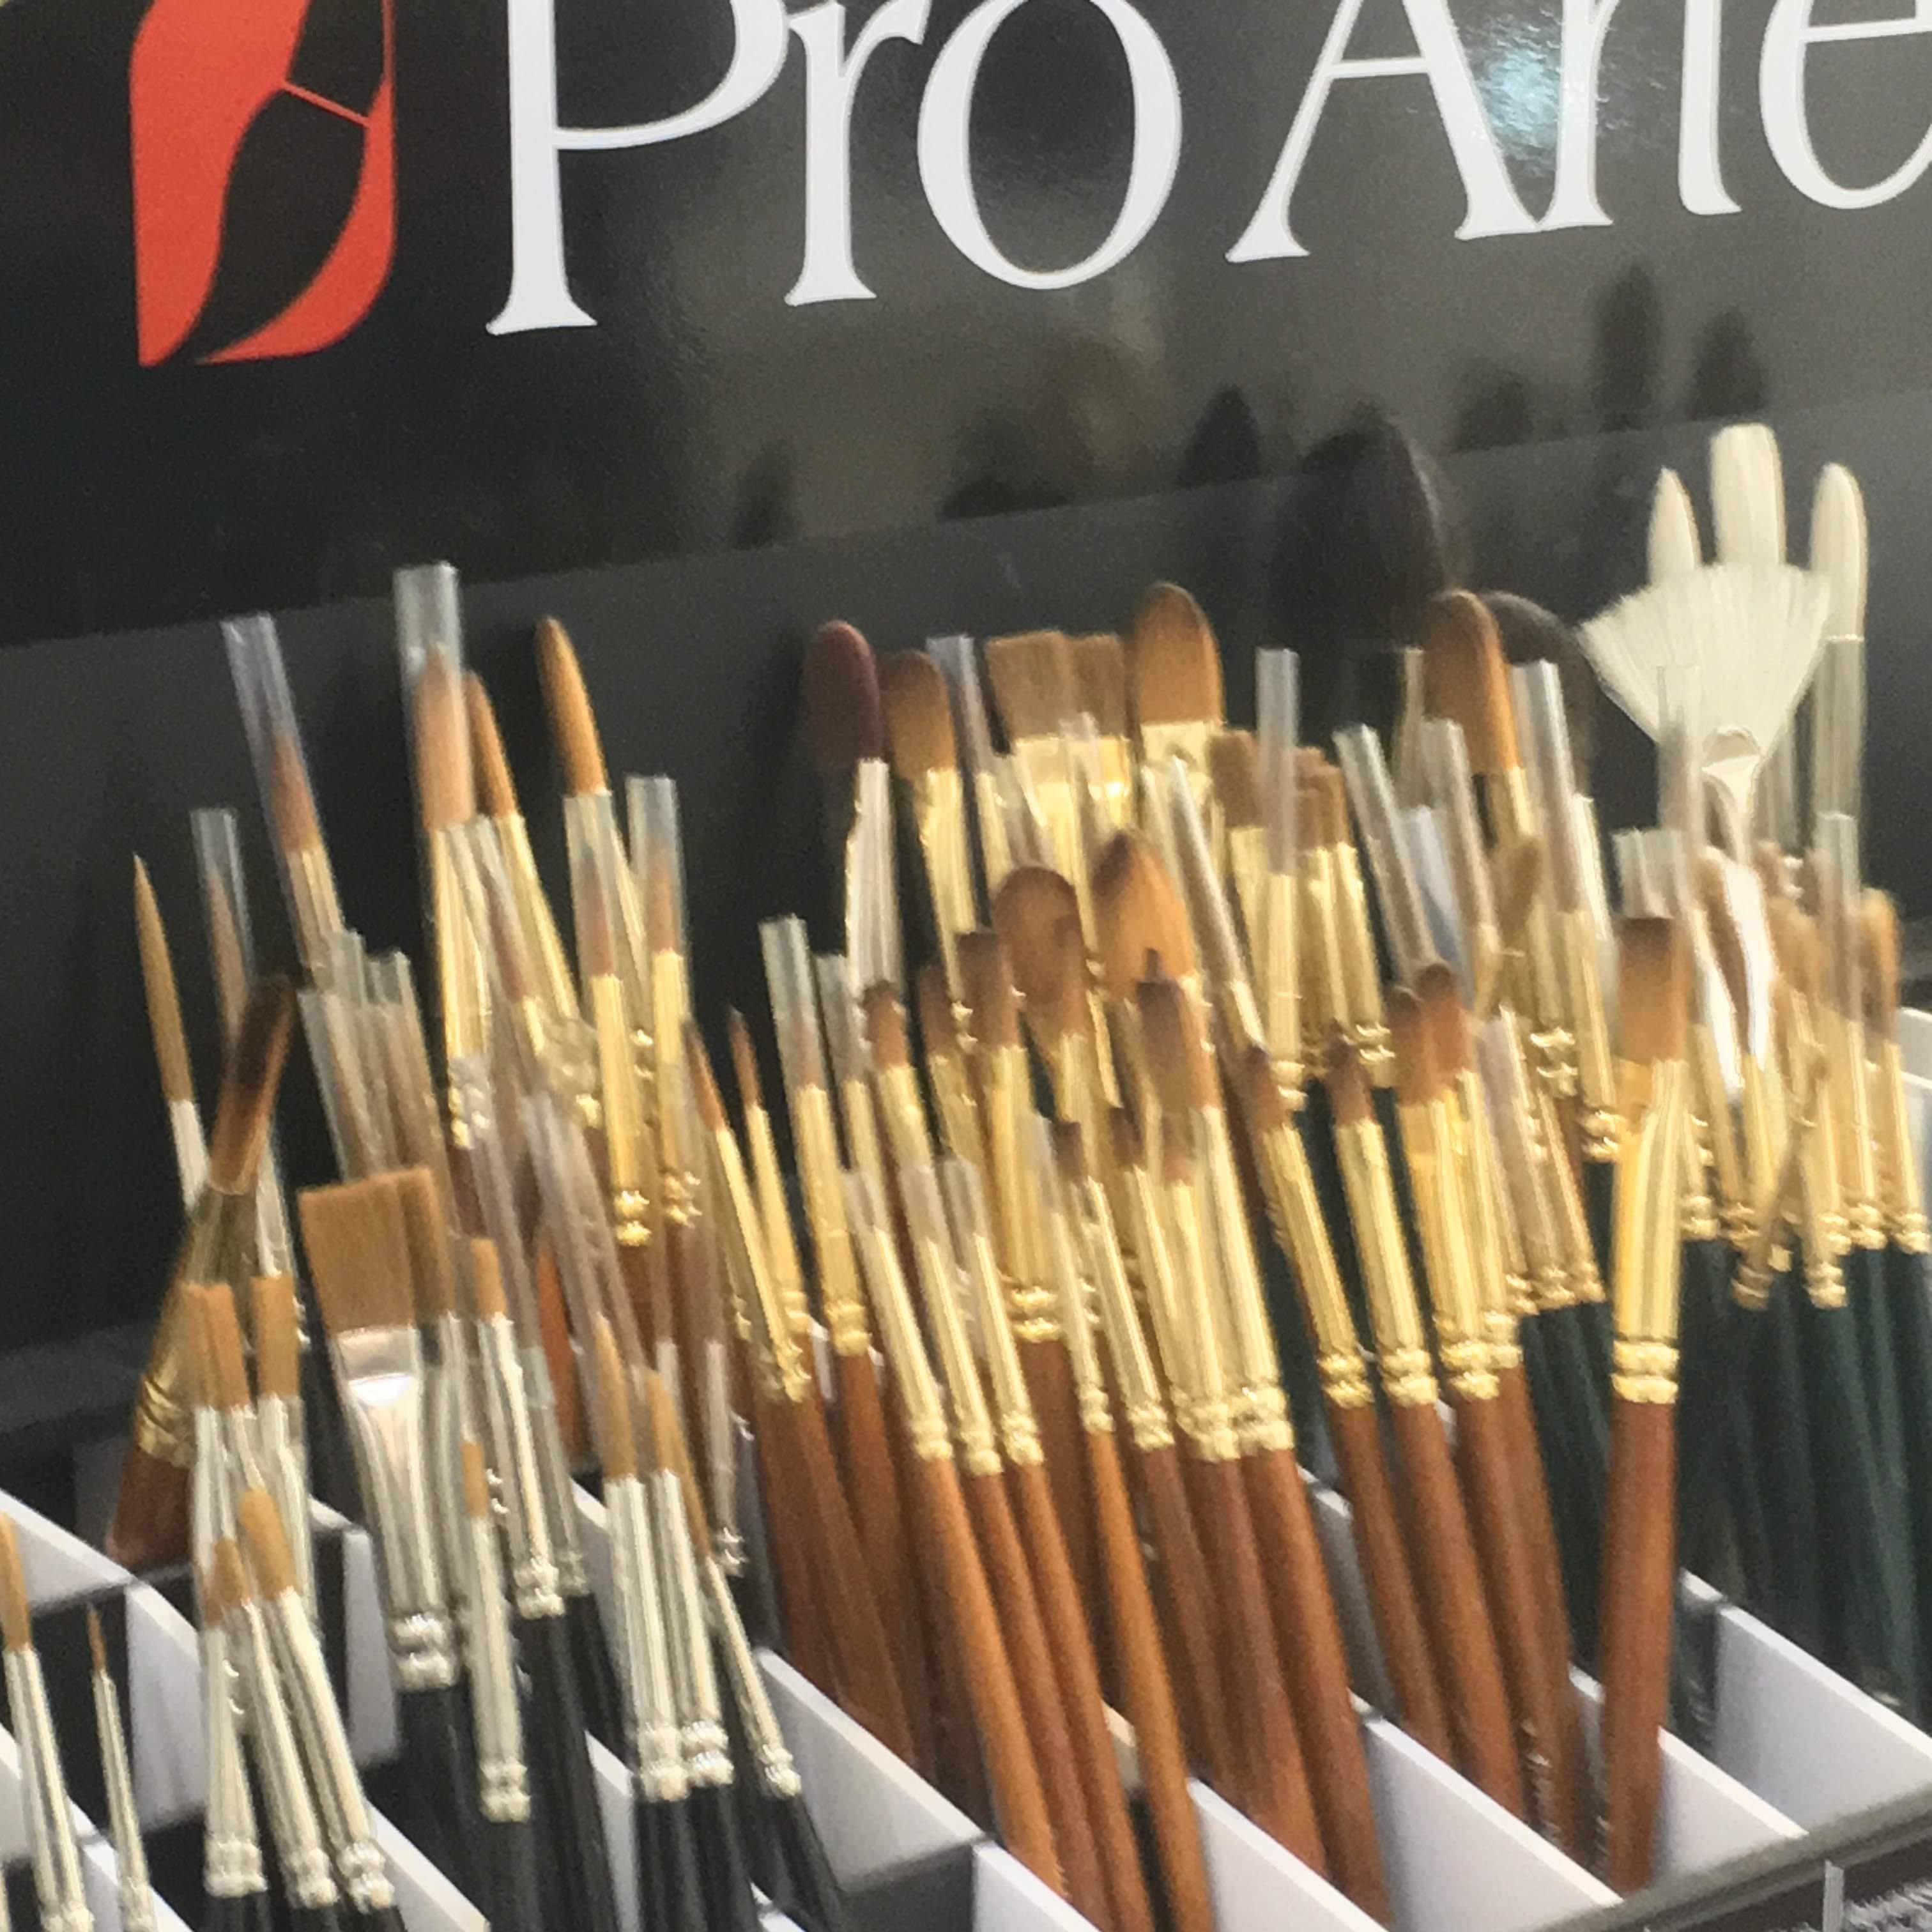 pro-arte brushes